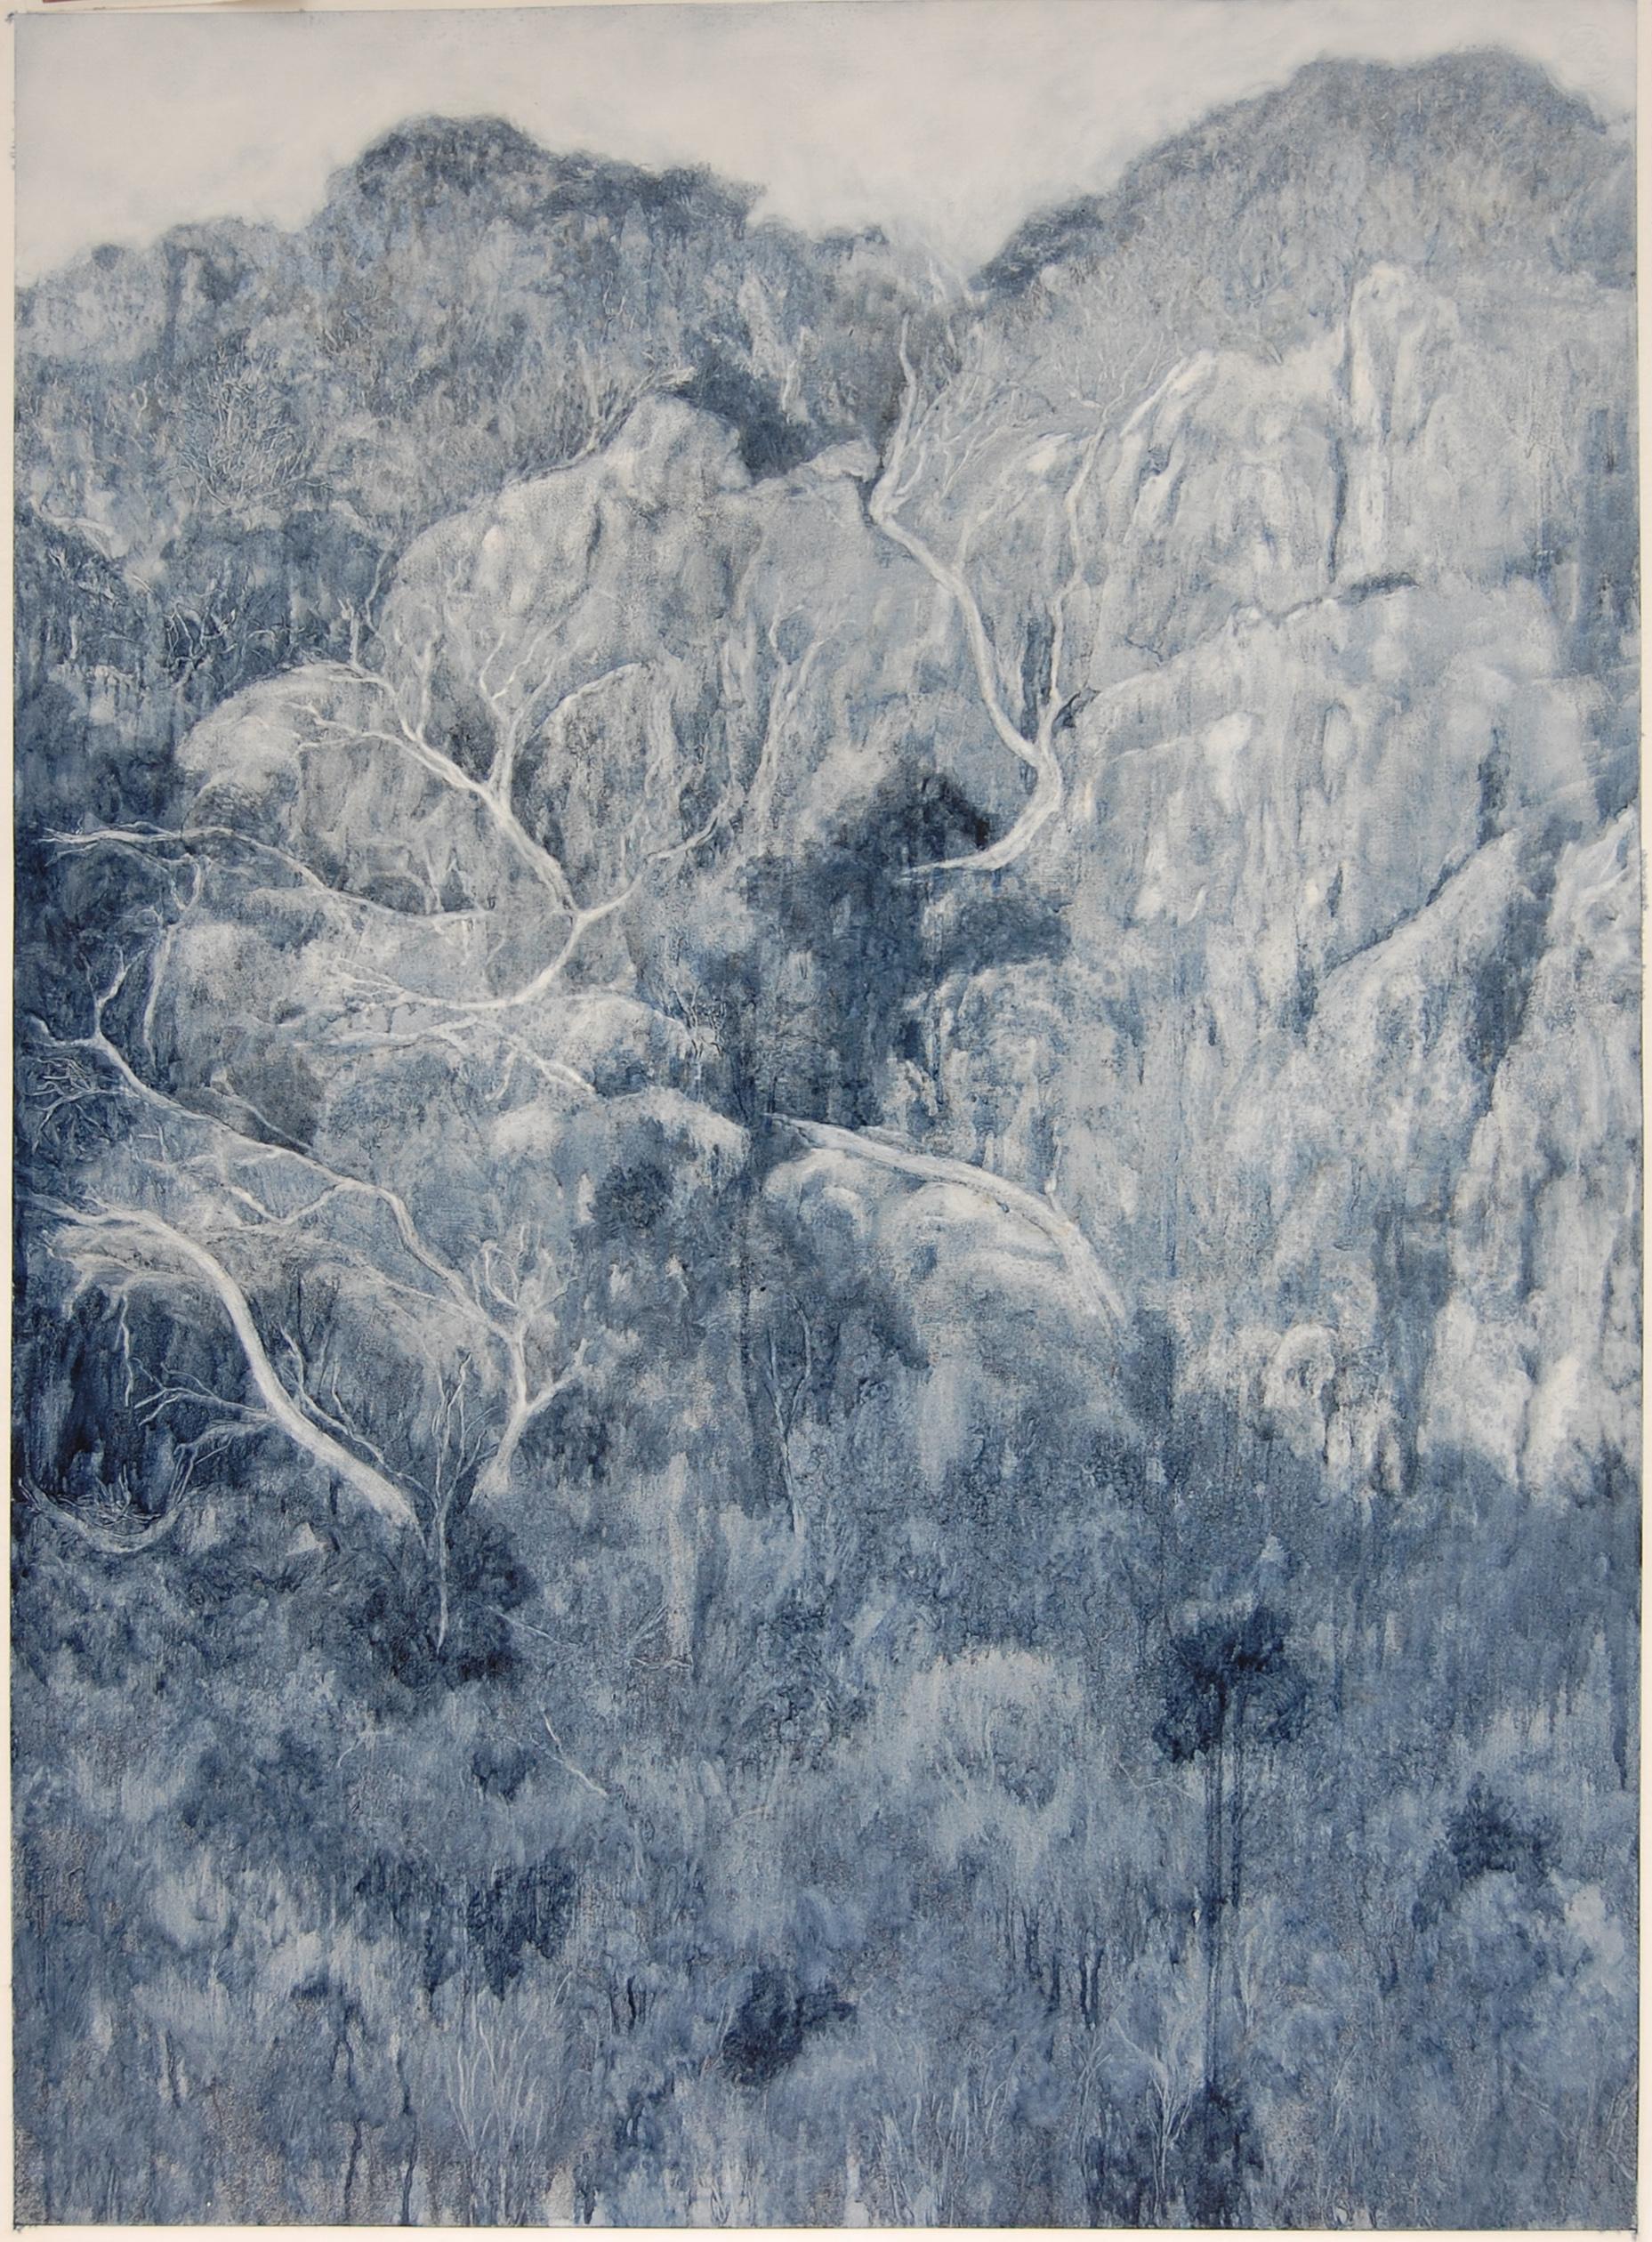 Outcrop, 2018, Oil on paper, 105 x 85cm